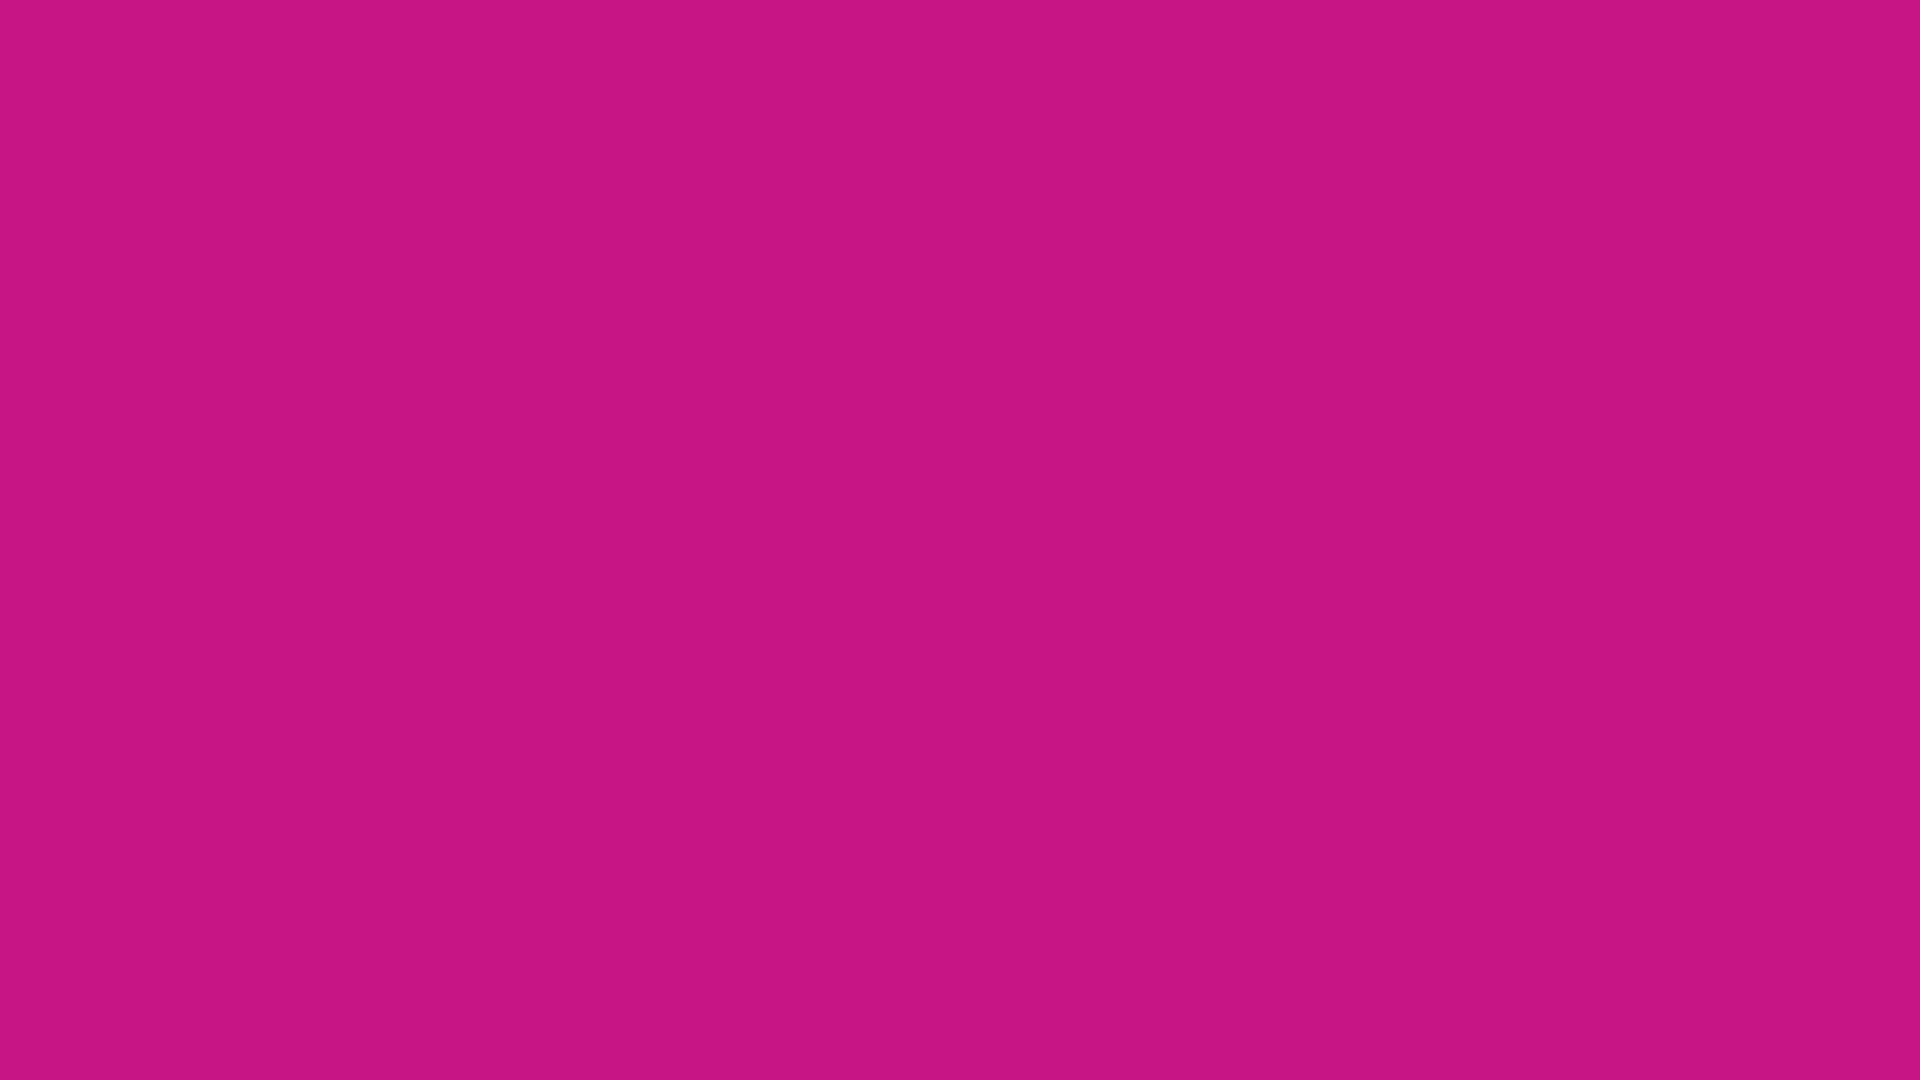 1920x1080 Red-violet Solid Color Background